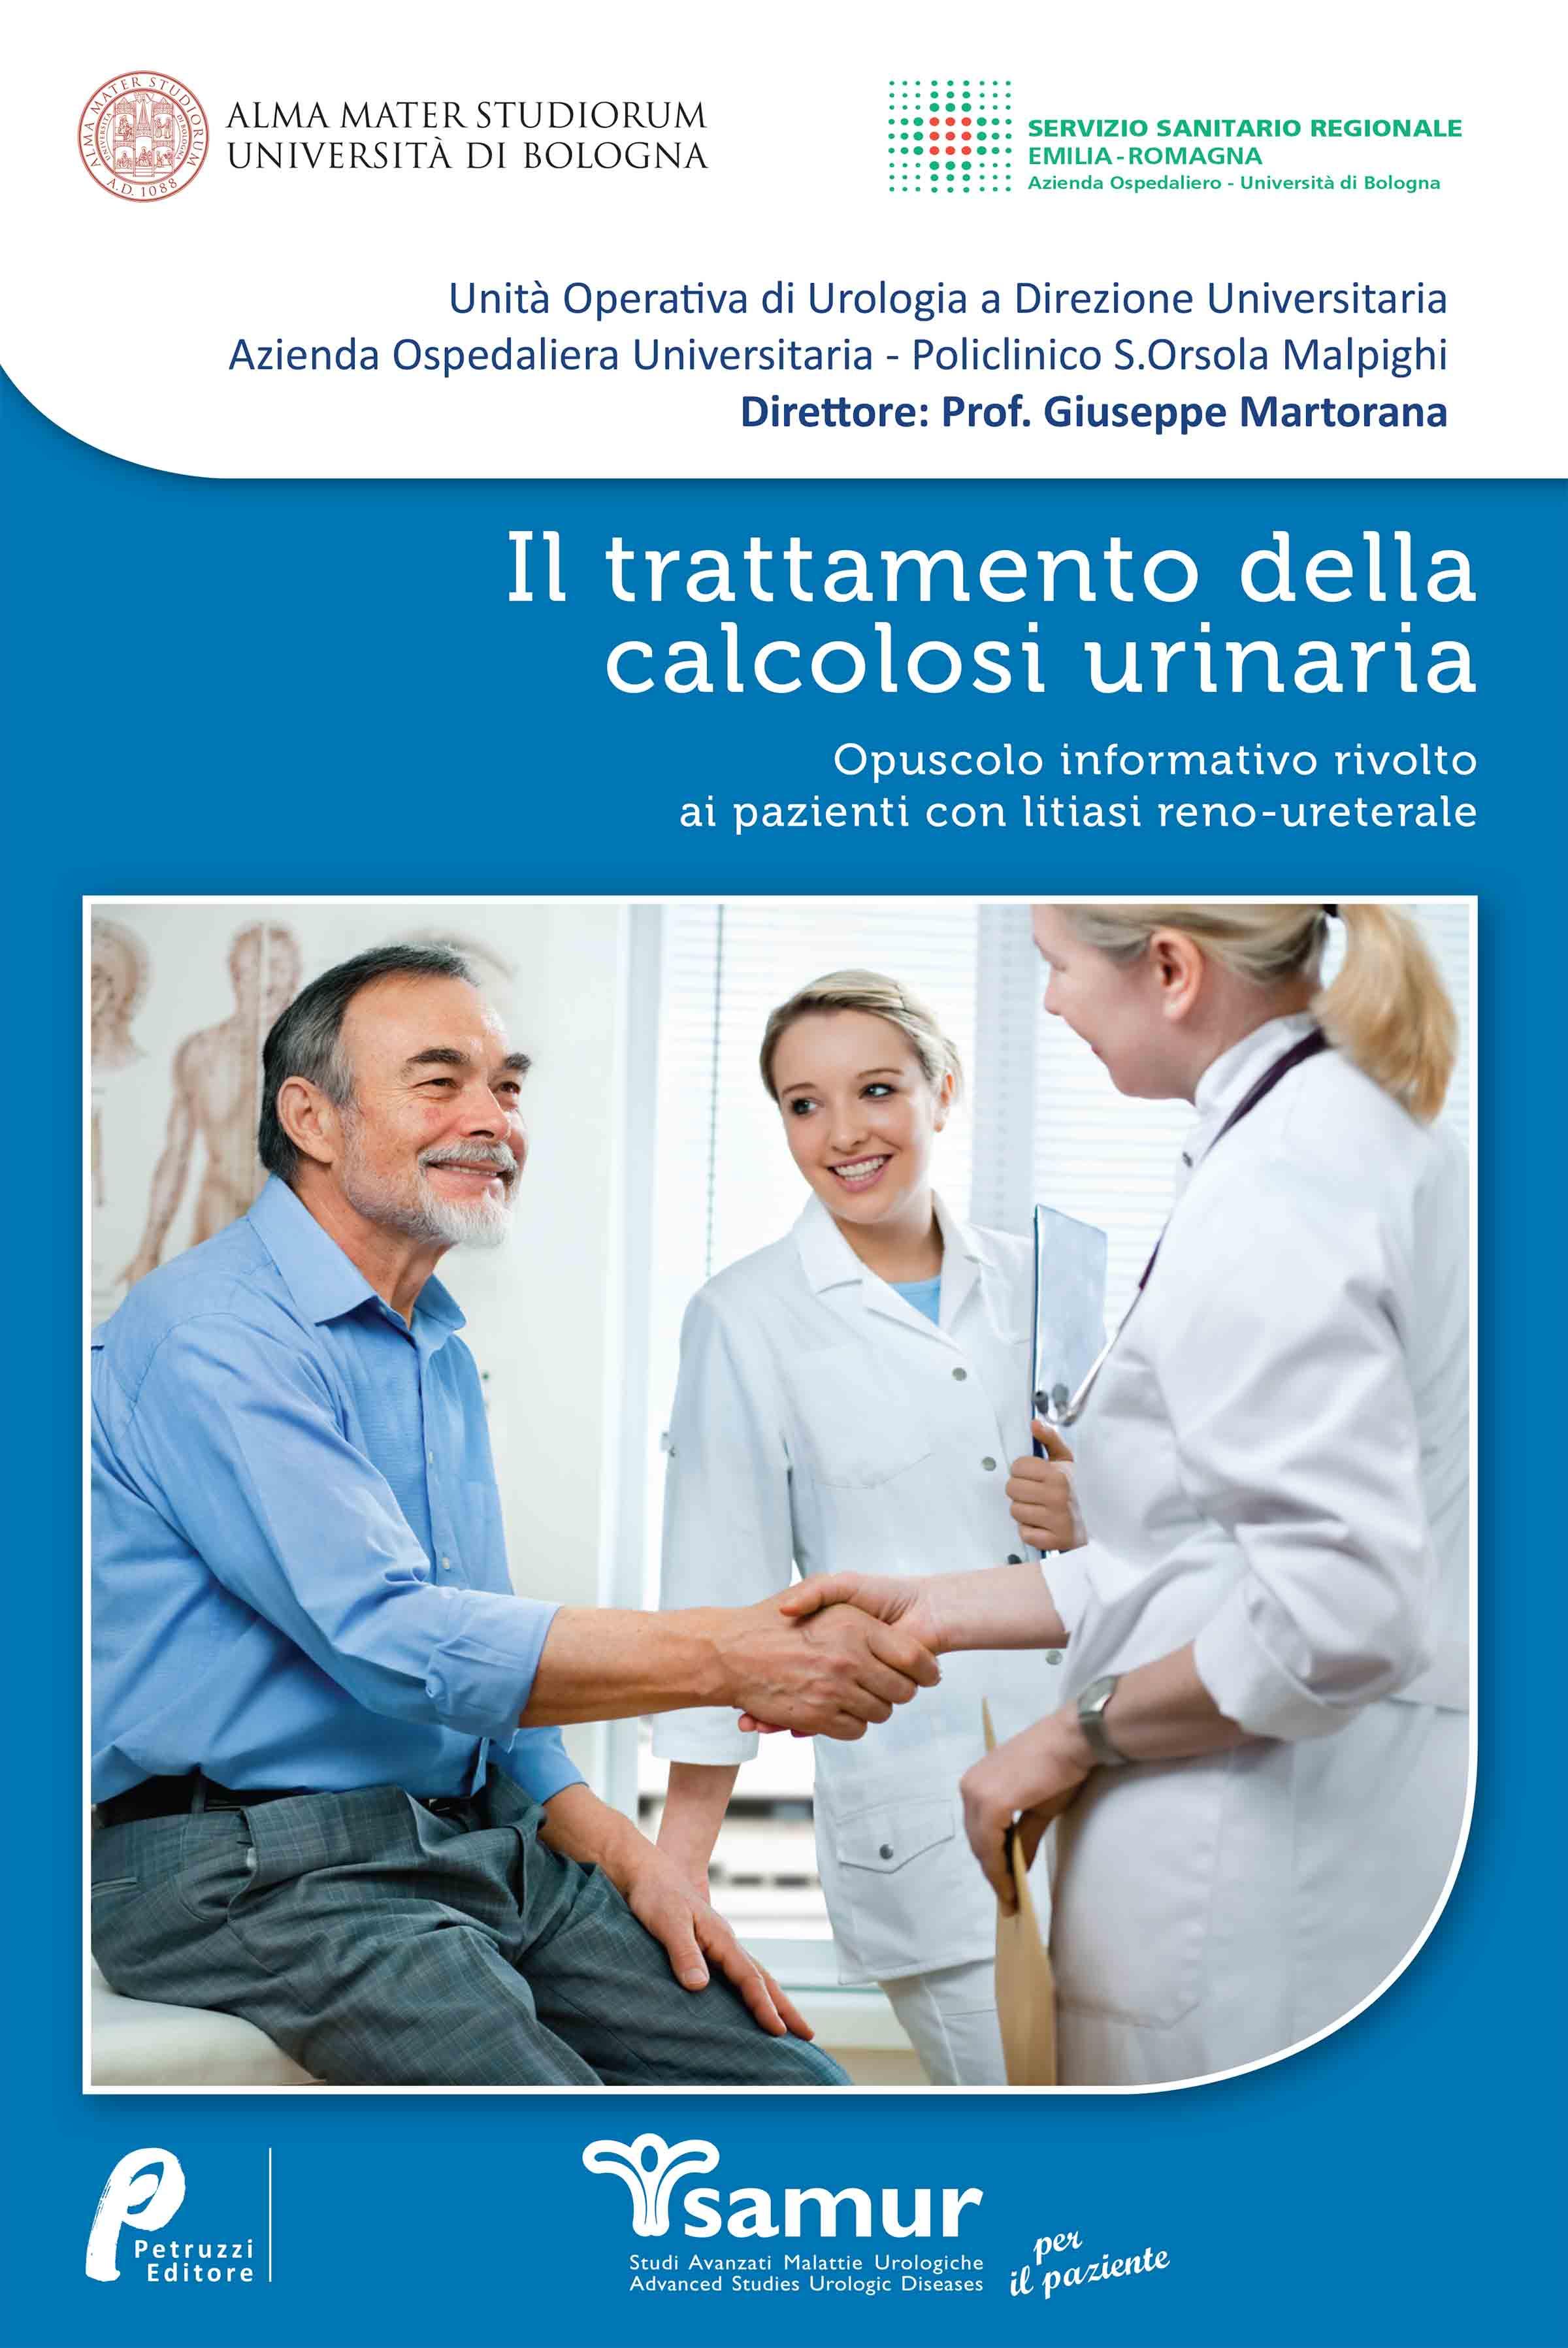 opuscolo_trattamento_calcolosi_urinaria_copertinah